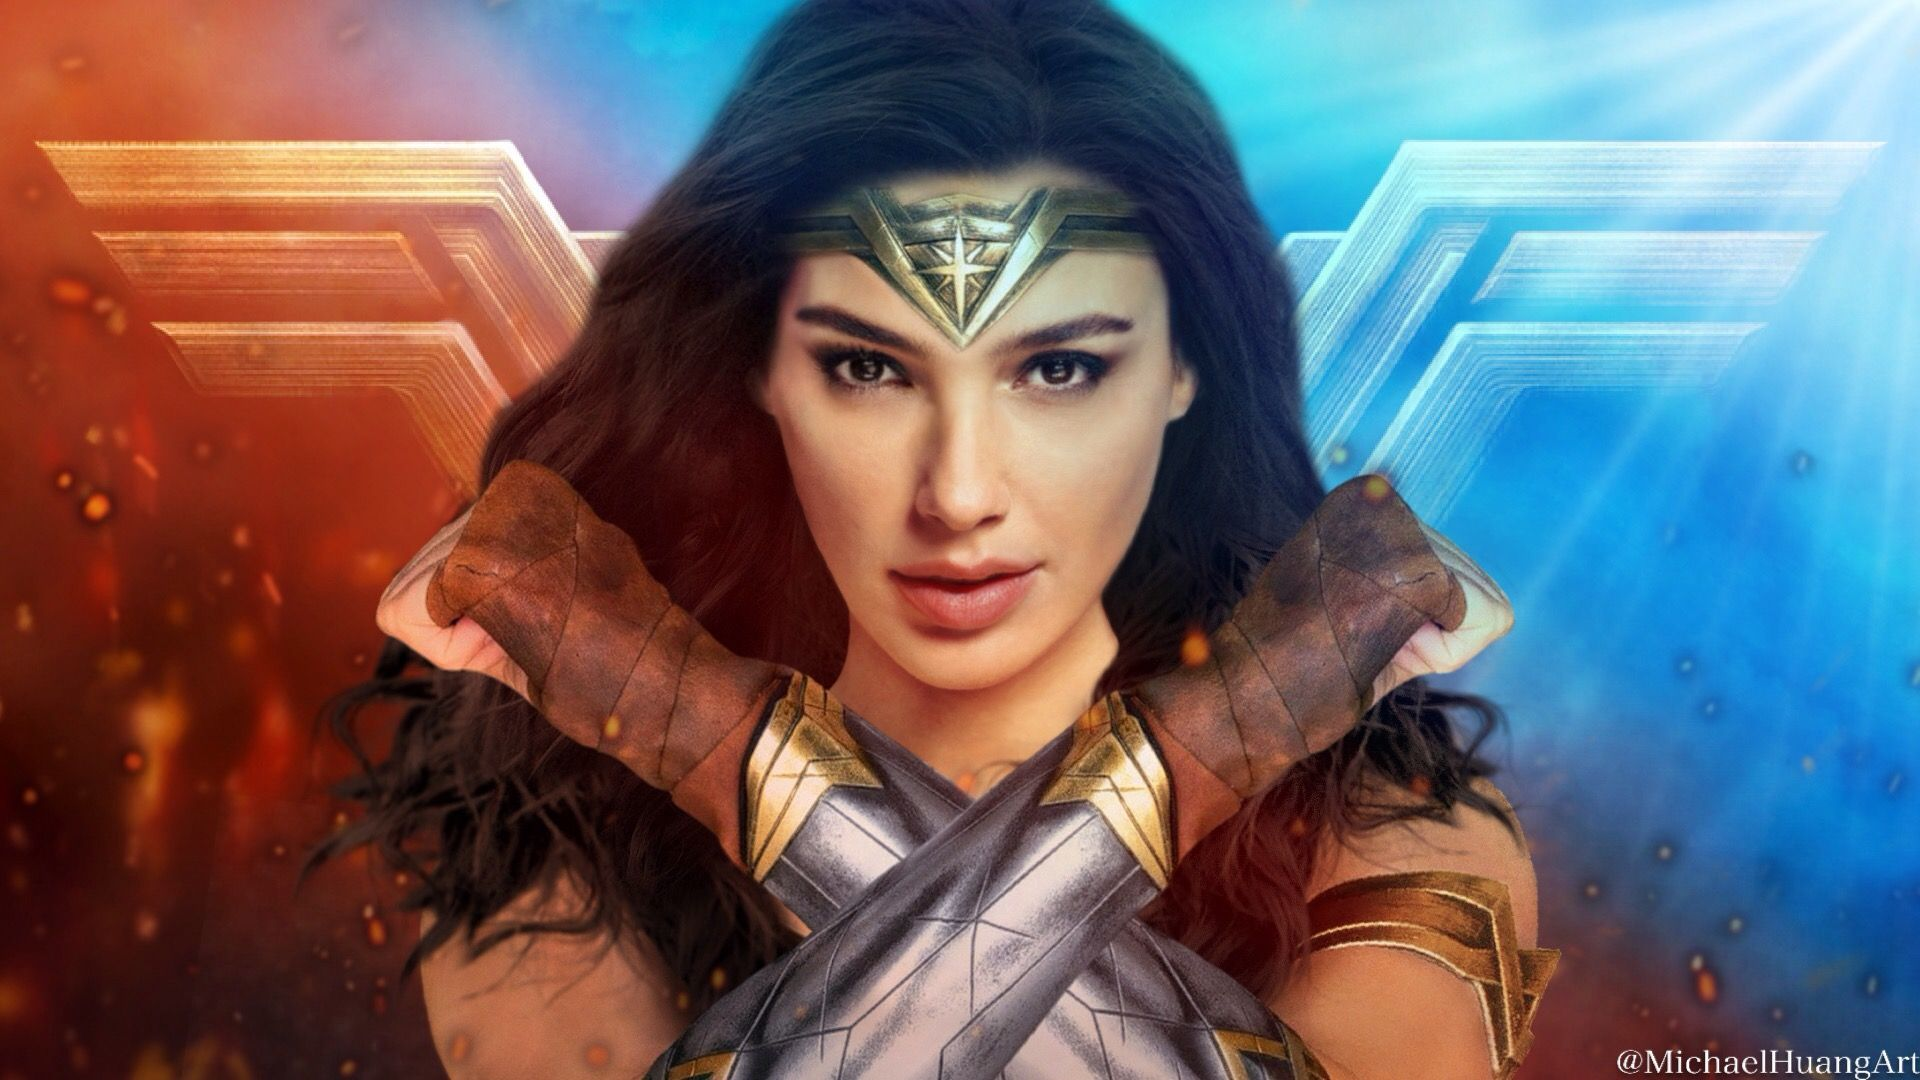 1920x1080 Wonder Woman Wallpaper